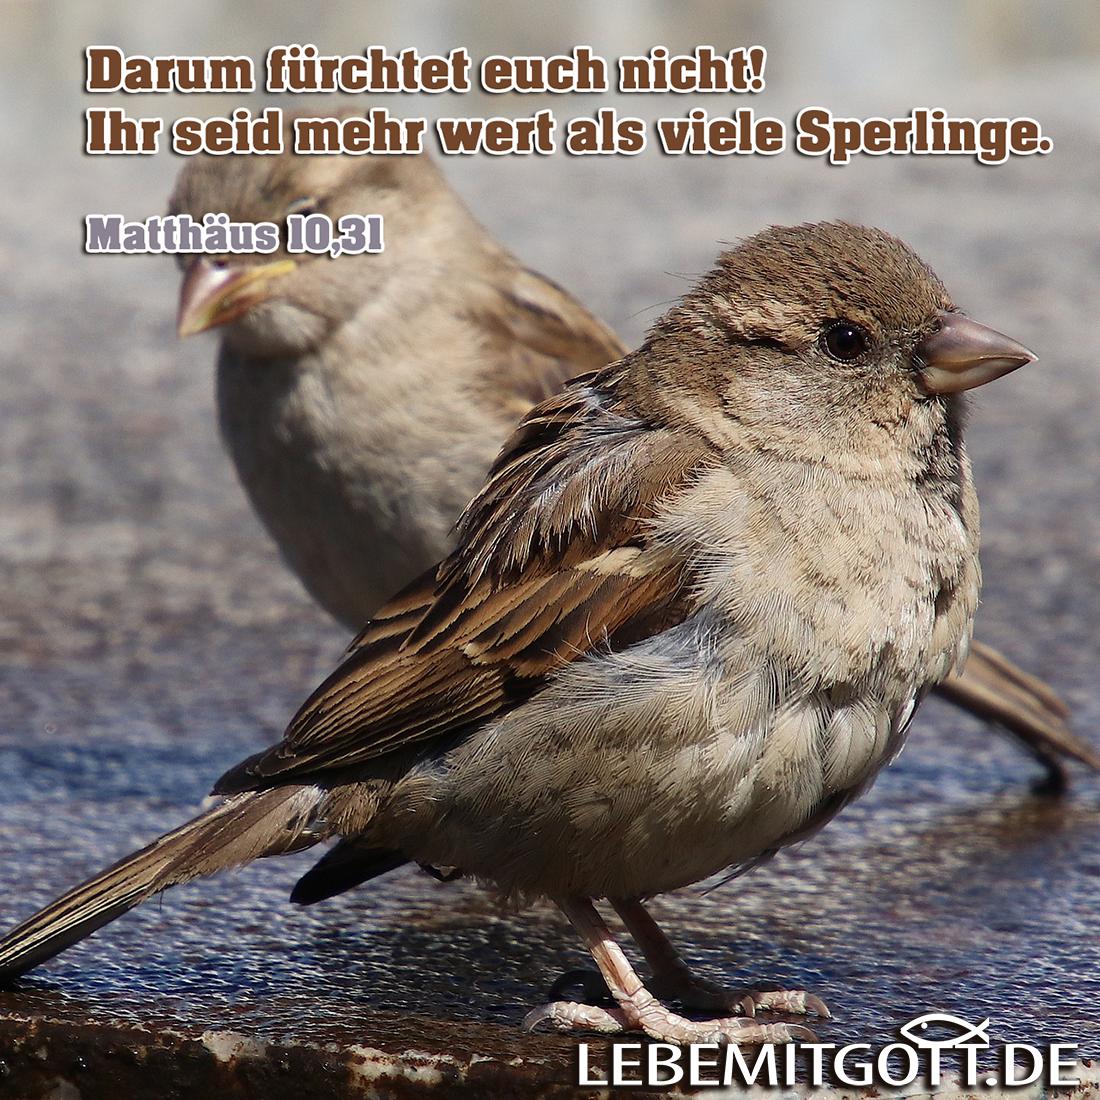 Sperlinge